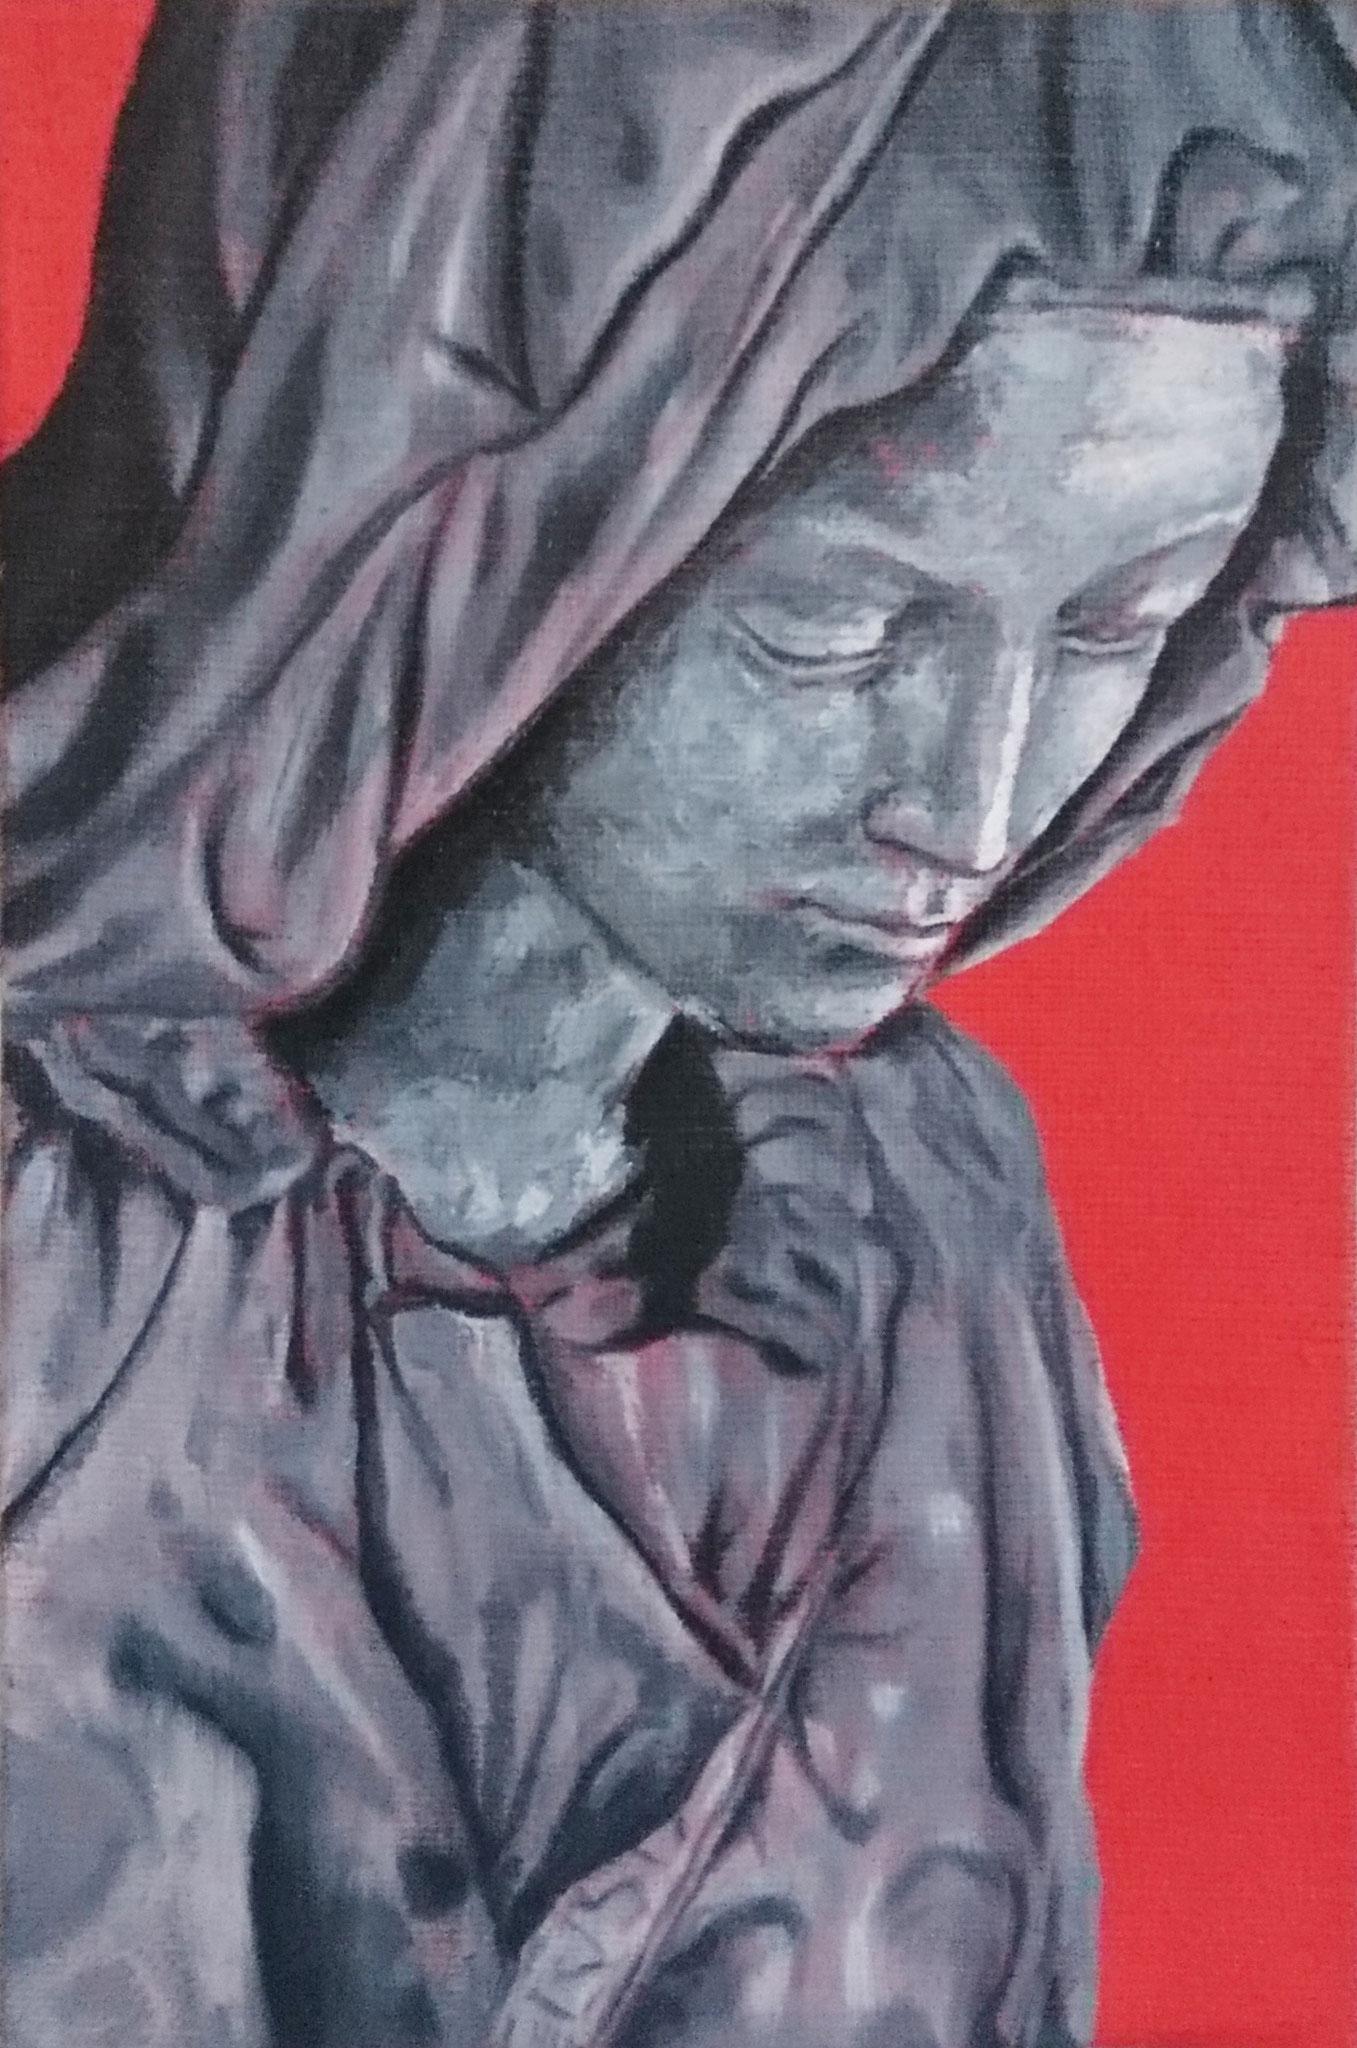 D'après Michel Ange - Huile sur toile - 22 x 16 cm - Oeuvre de Paul Teyssier d'Orfeuil